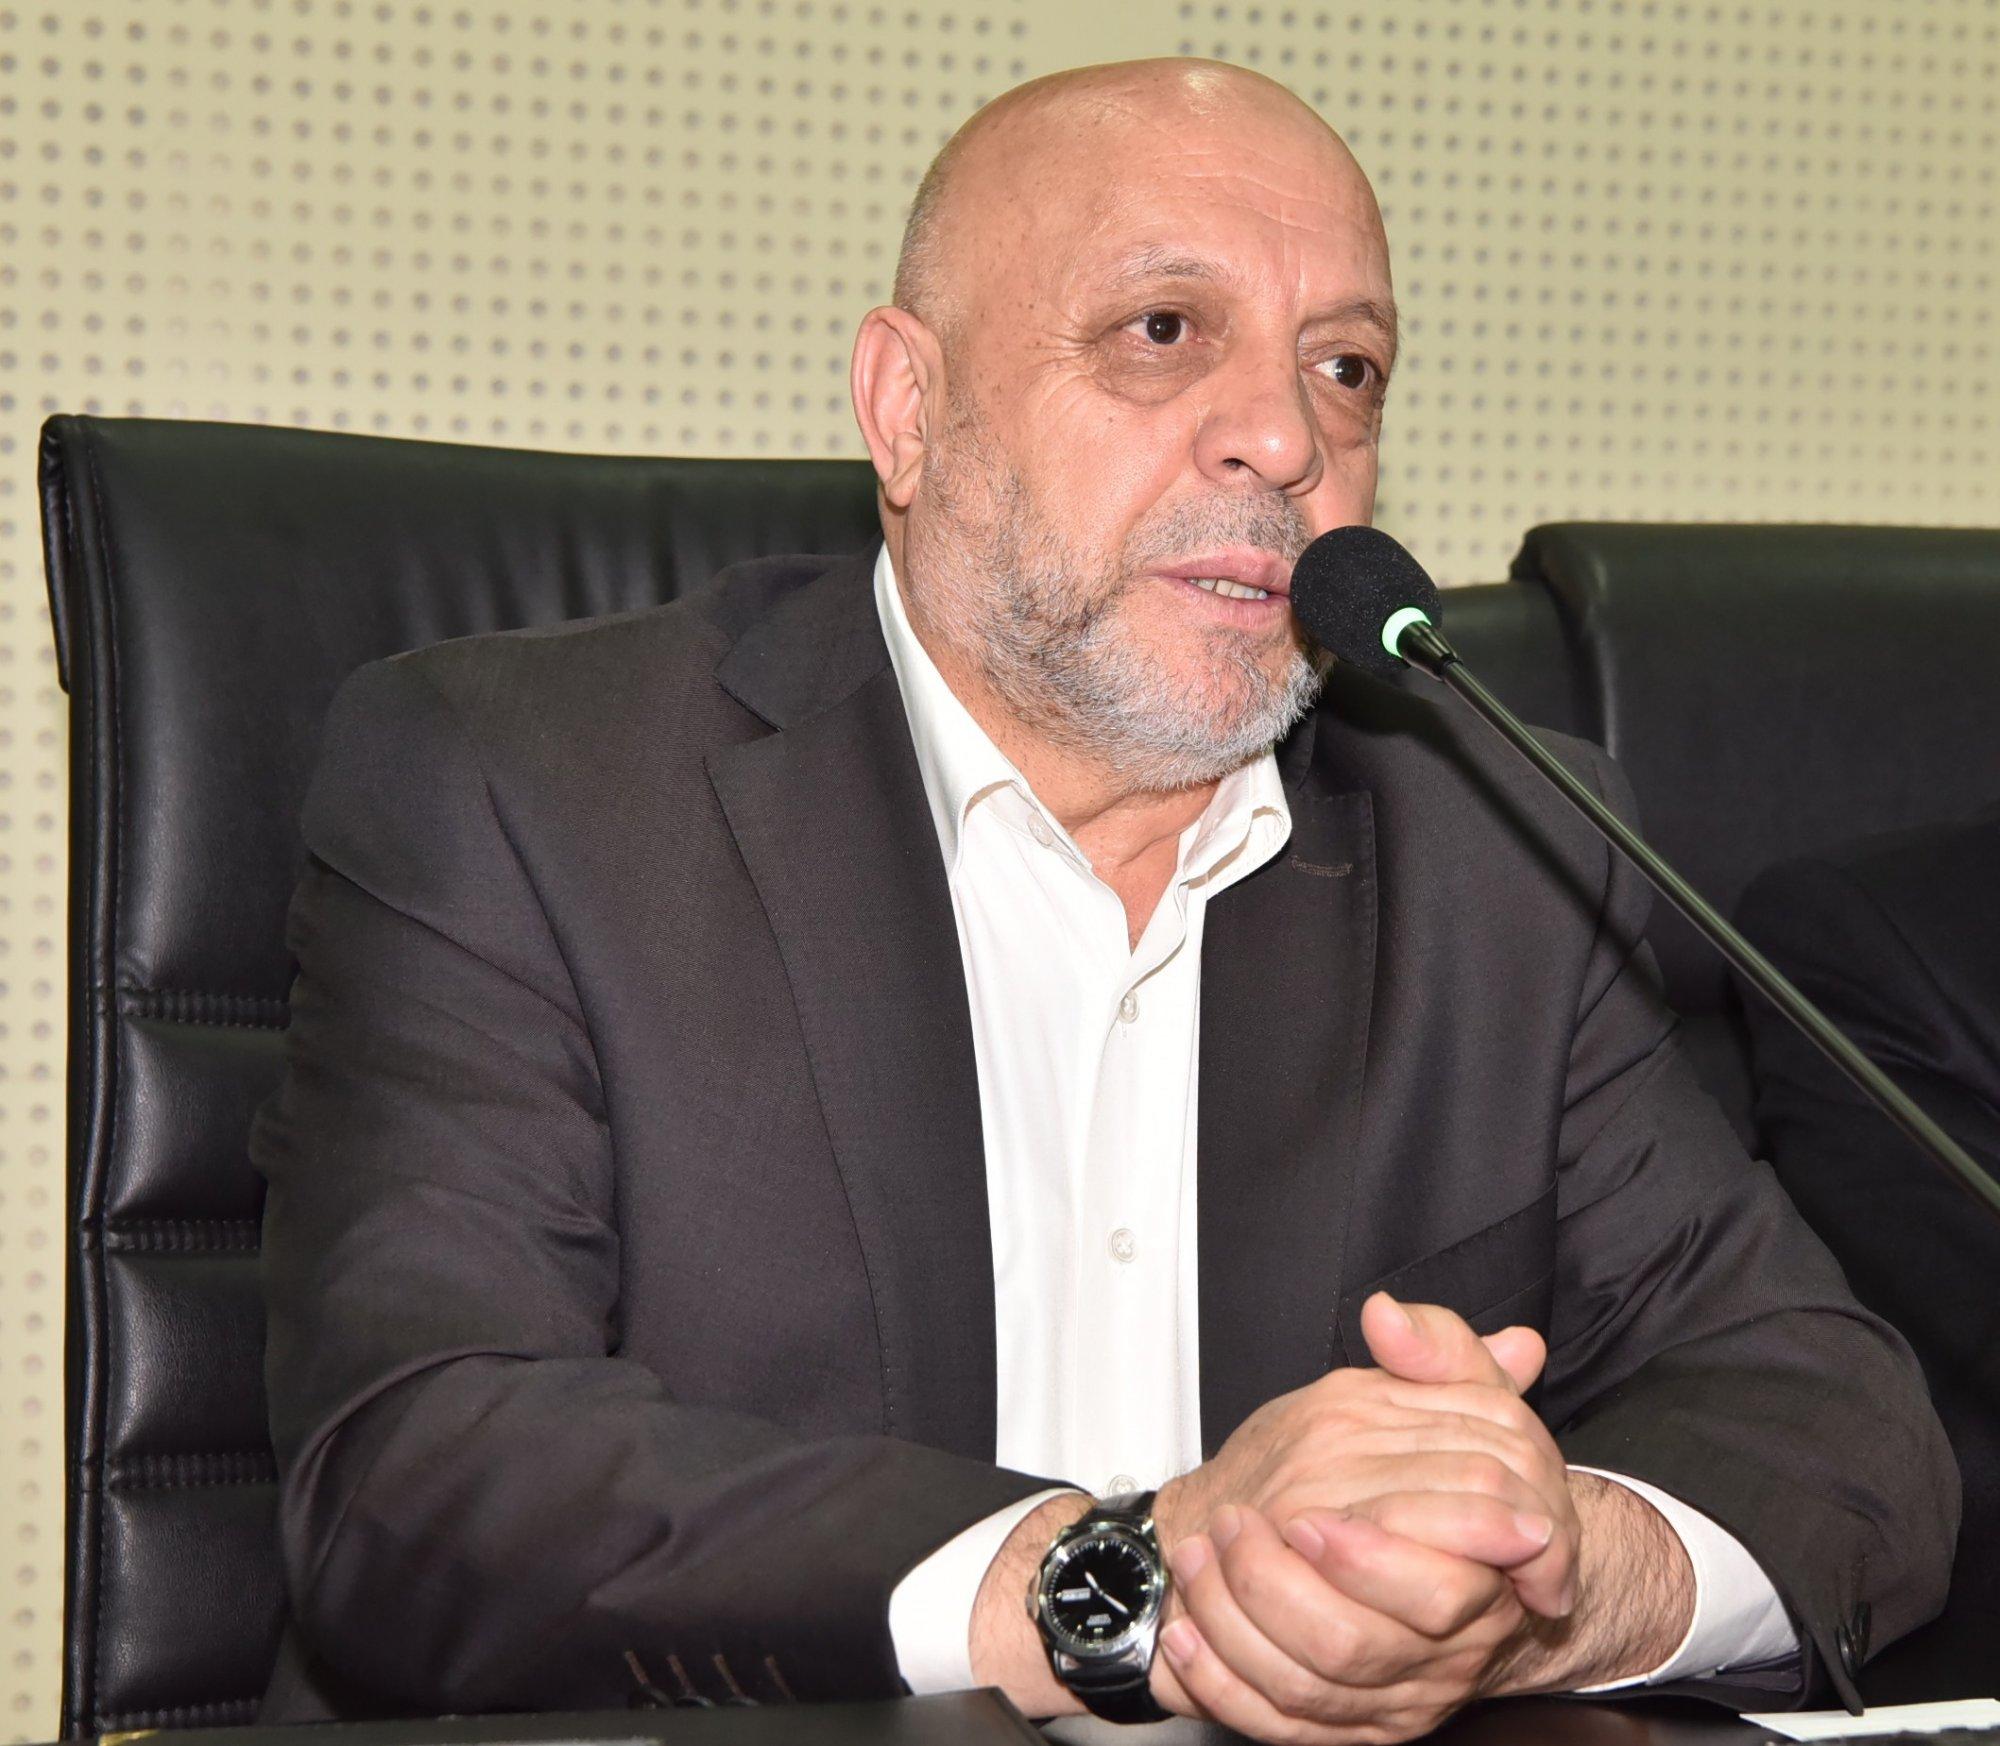 ARSLAN, BÜTÜN EMEKÇİLERİ REFERANDUMDA 'EVET' OYU KULLAMAYA DAVET ETTİ